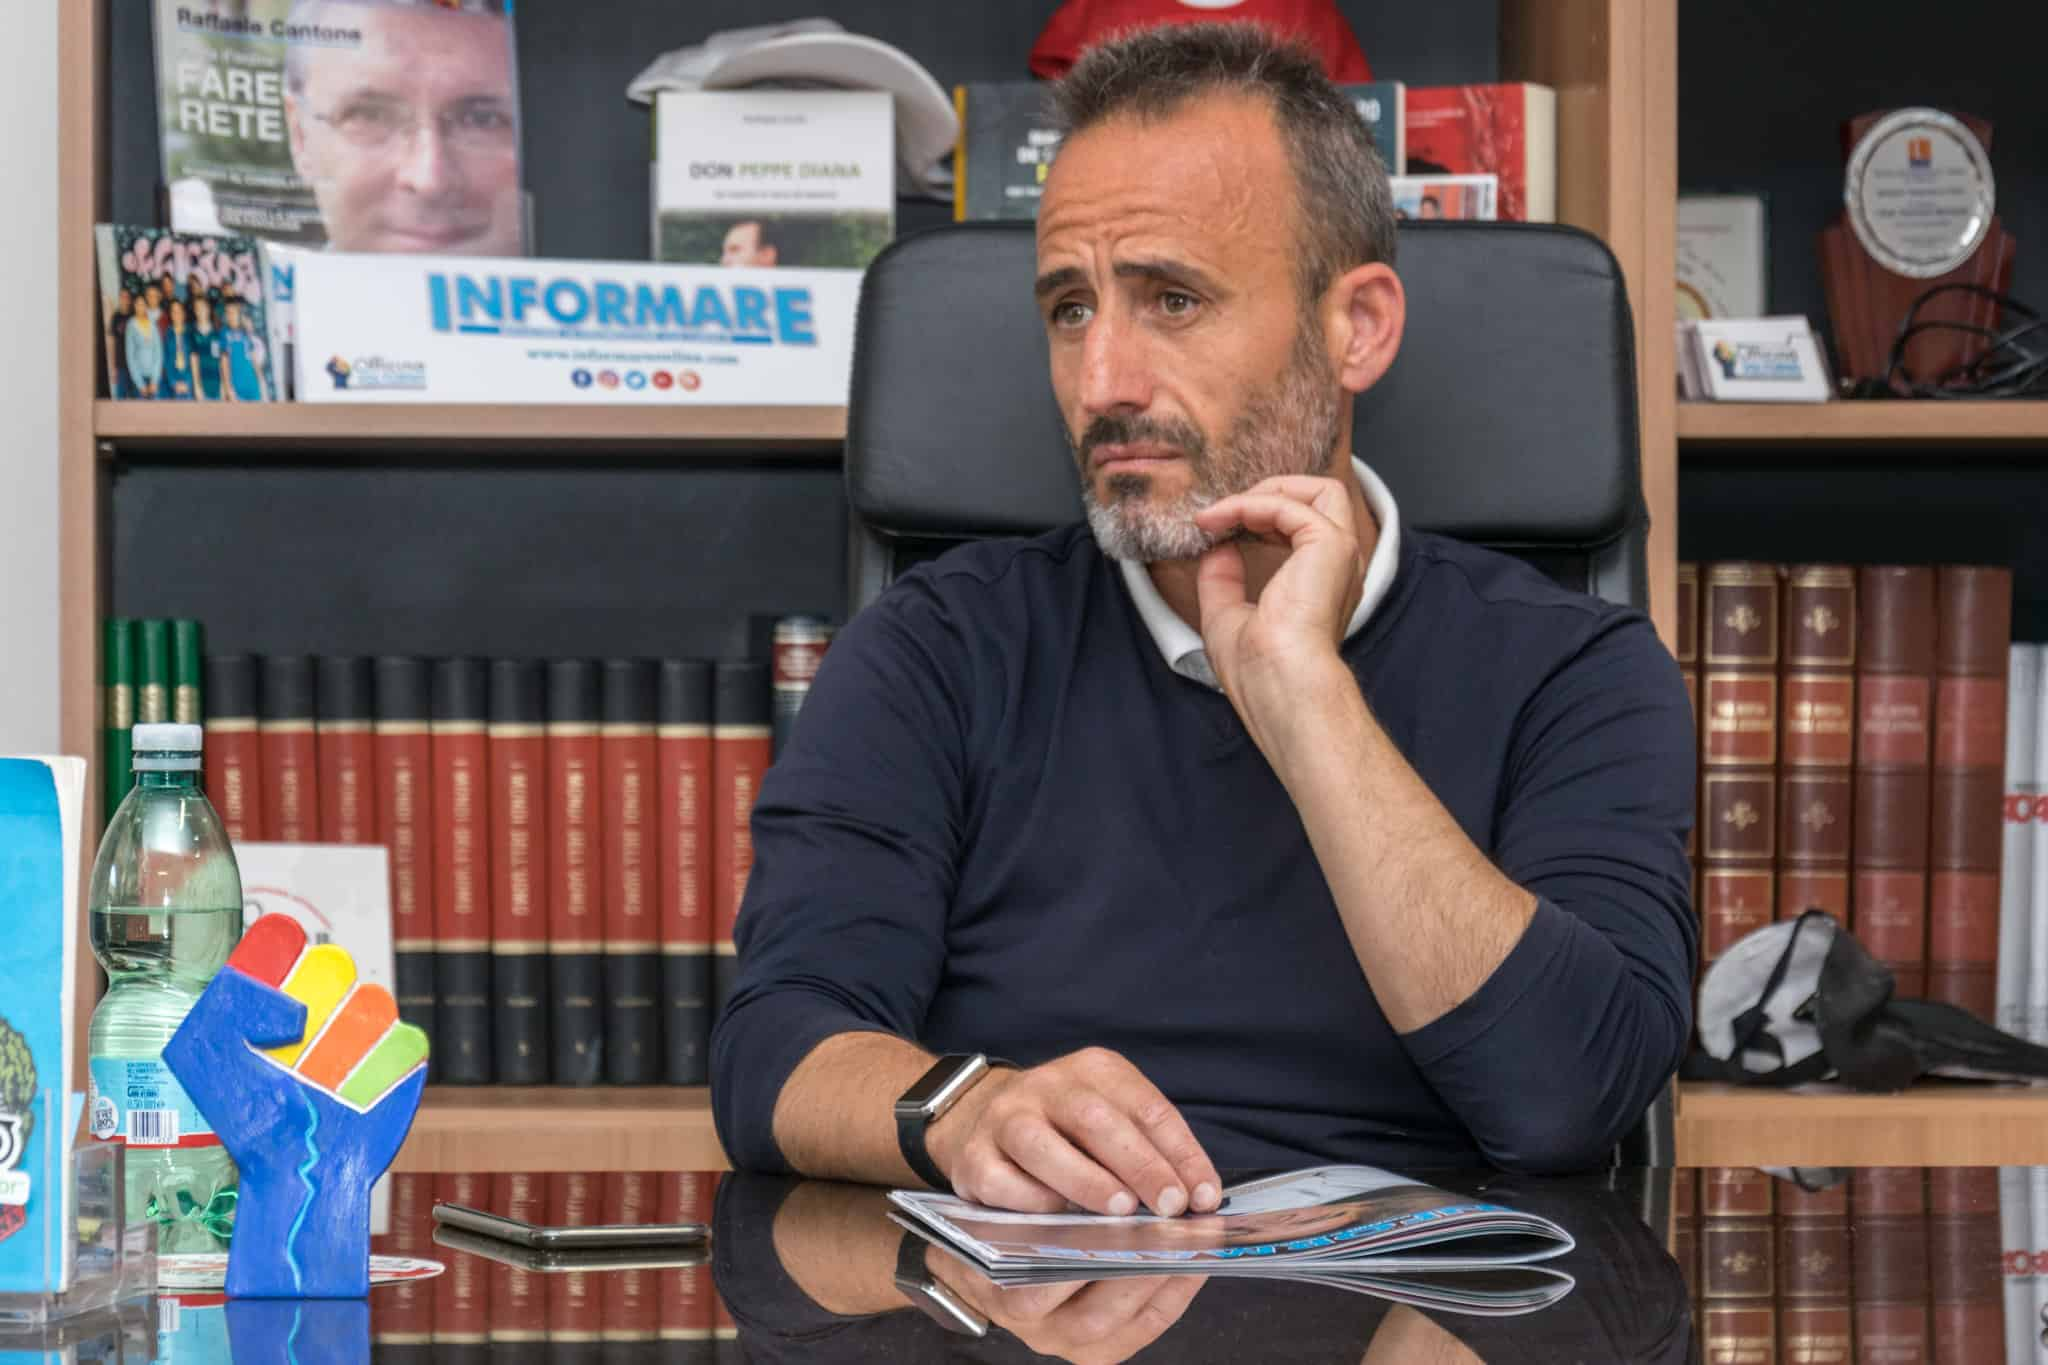 Paolo Chiariello - Photo credit Gabriele Arenare